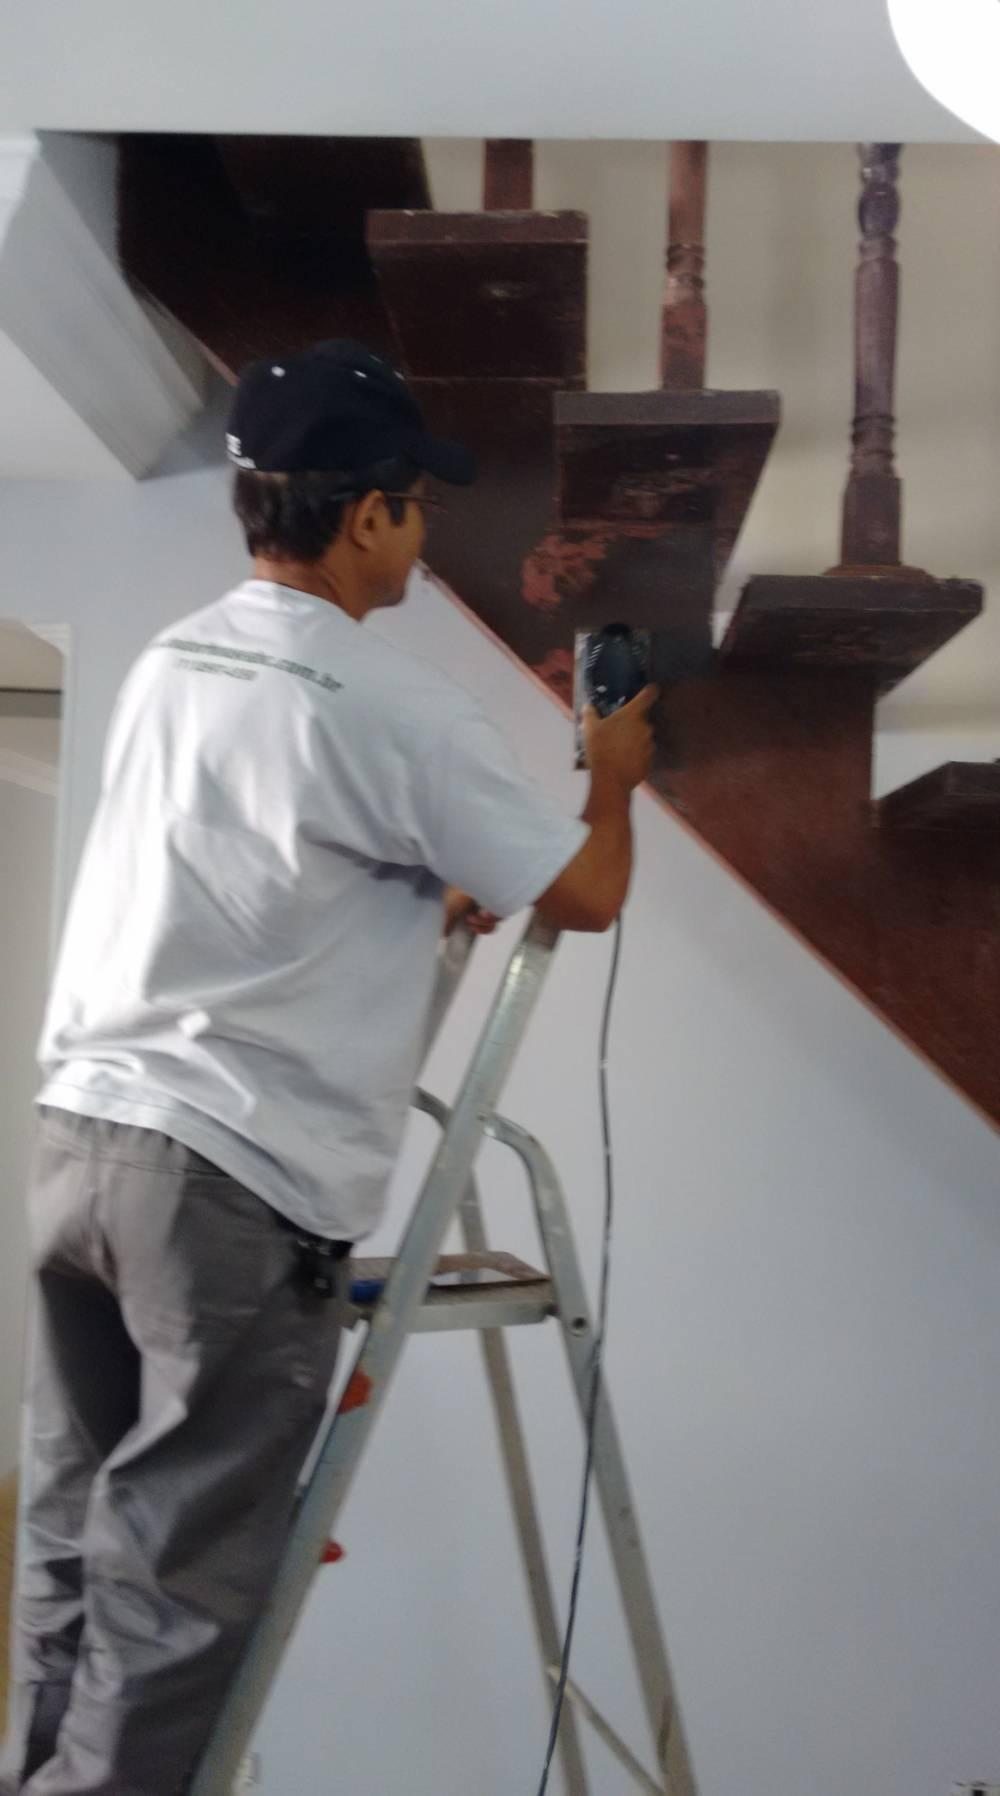 Serviços de Reparo em Residências na Vila Francisco Mattarazzo - Reparos Residenciais em Santo André